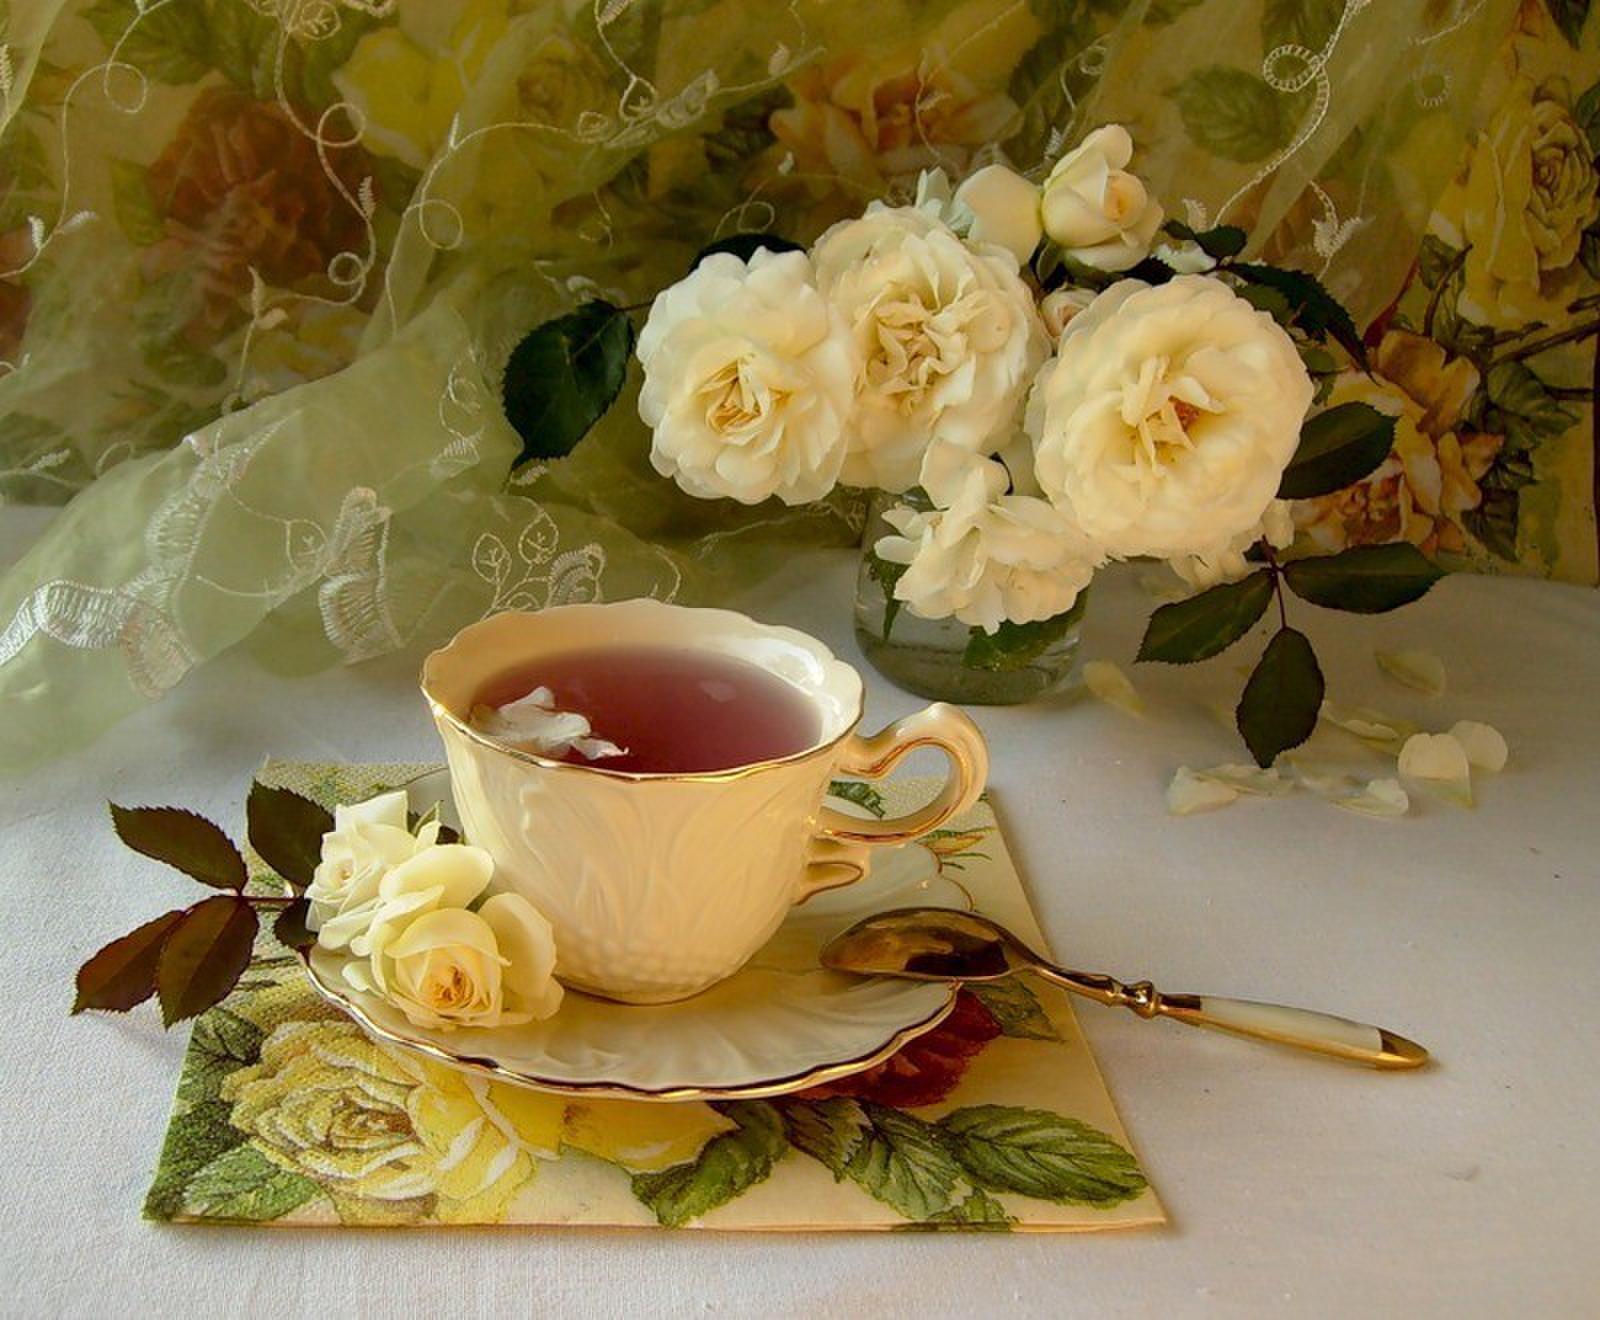 Красивые утренние открытки для женщины, поцелуи